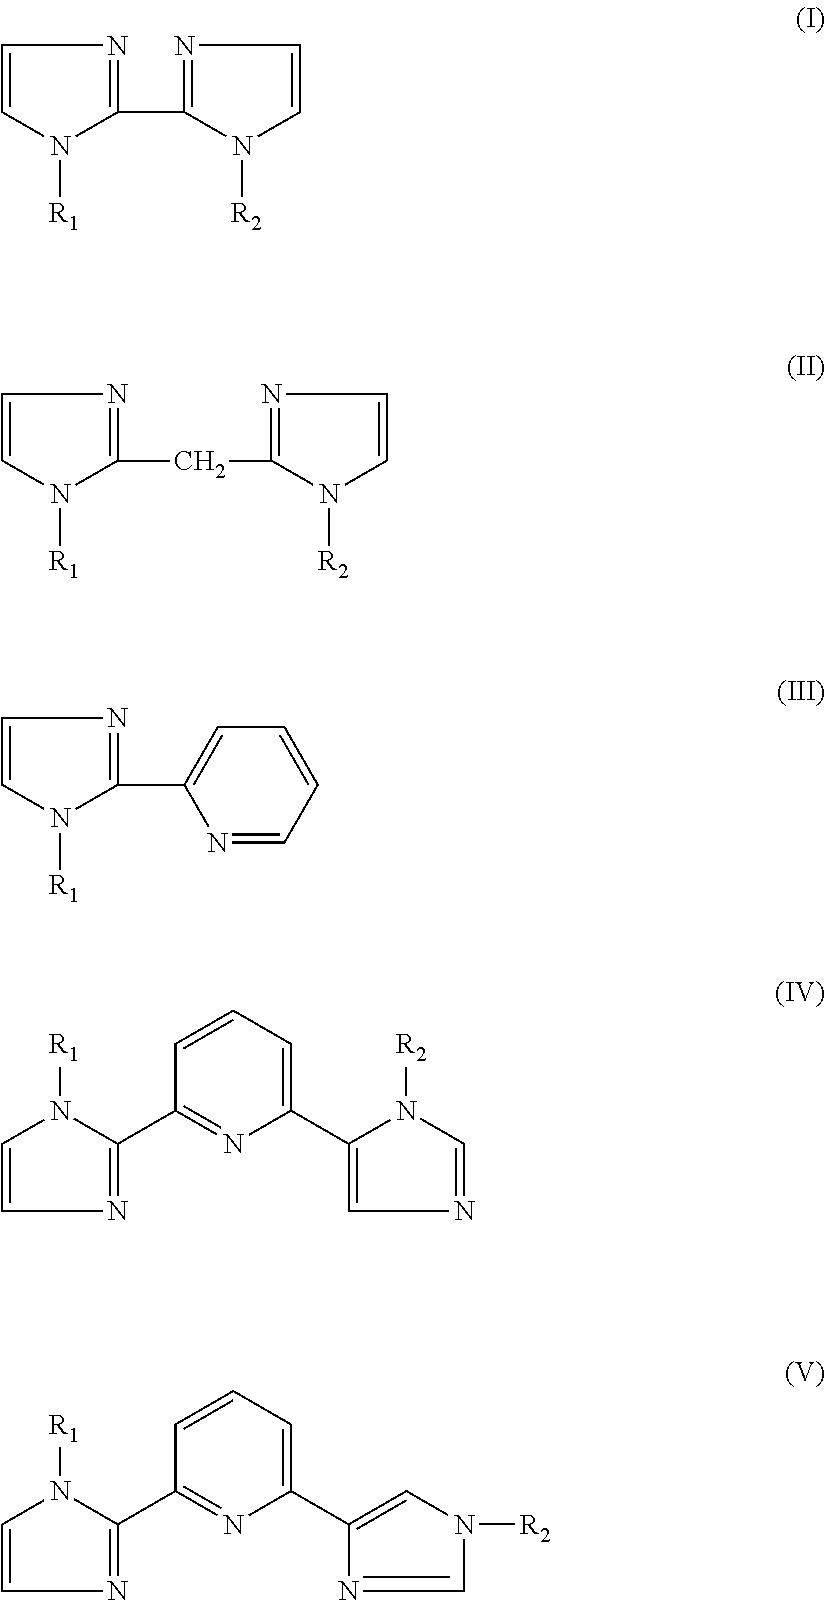 Figure US09891185-20180213-C00001